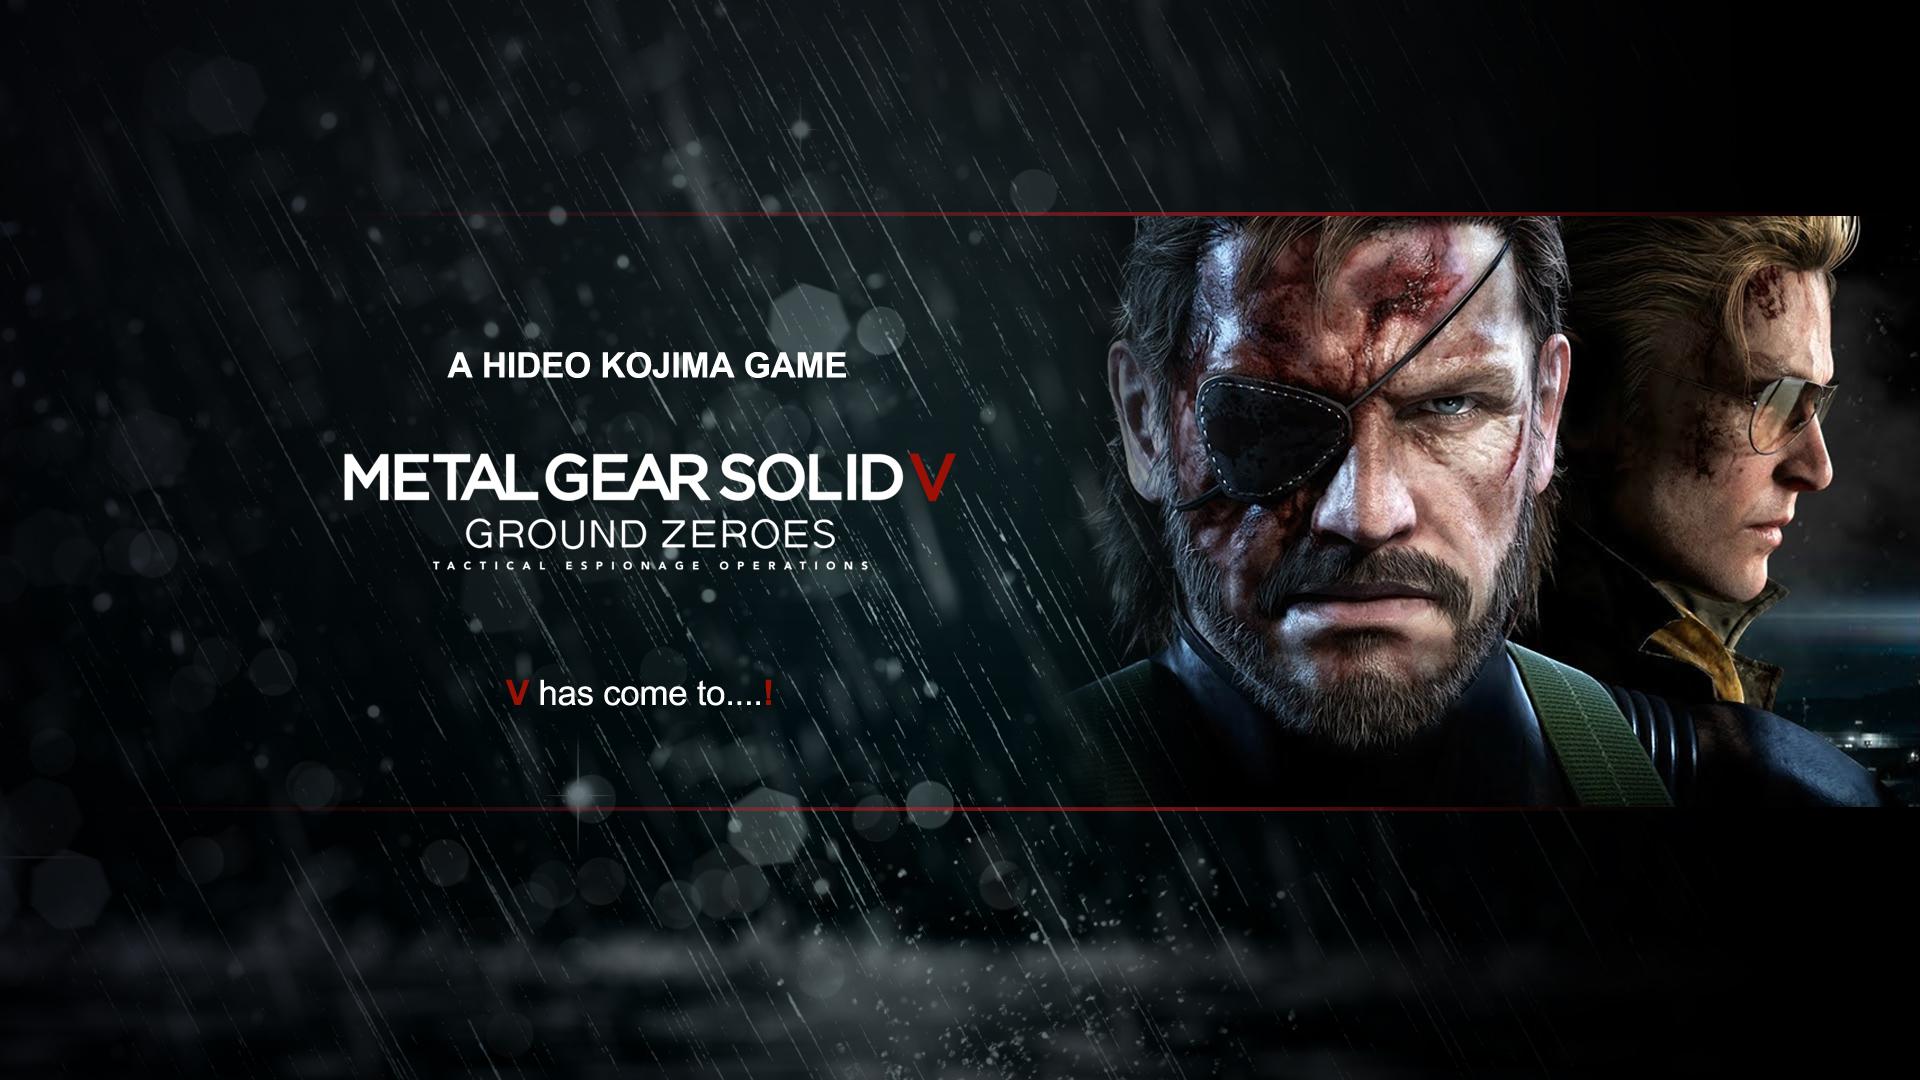 Metal Gear Solid V Wallpaper: Wallpaper 002 By Poser96 On DeviantArt